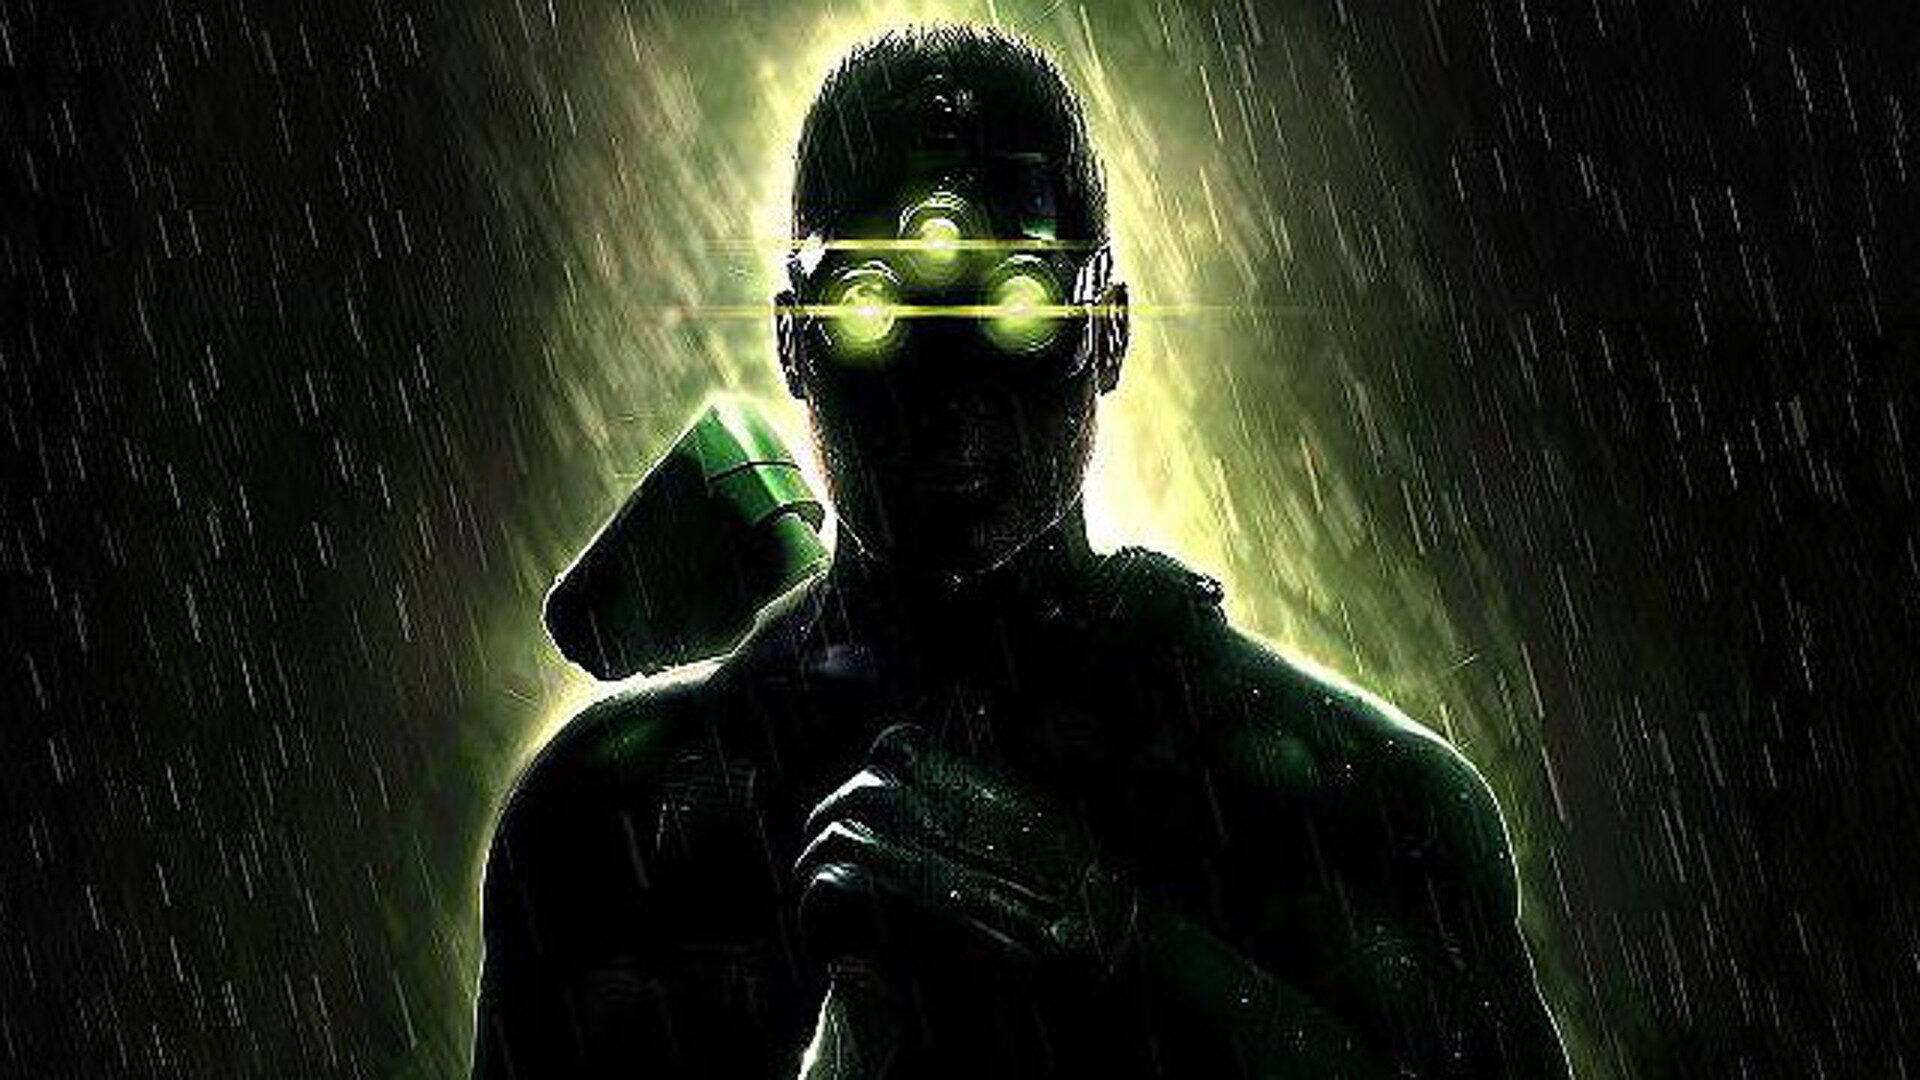 Splinter Cell se vrátí. Nikoliv jako hra, ale jako animovaný seriál